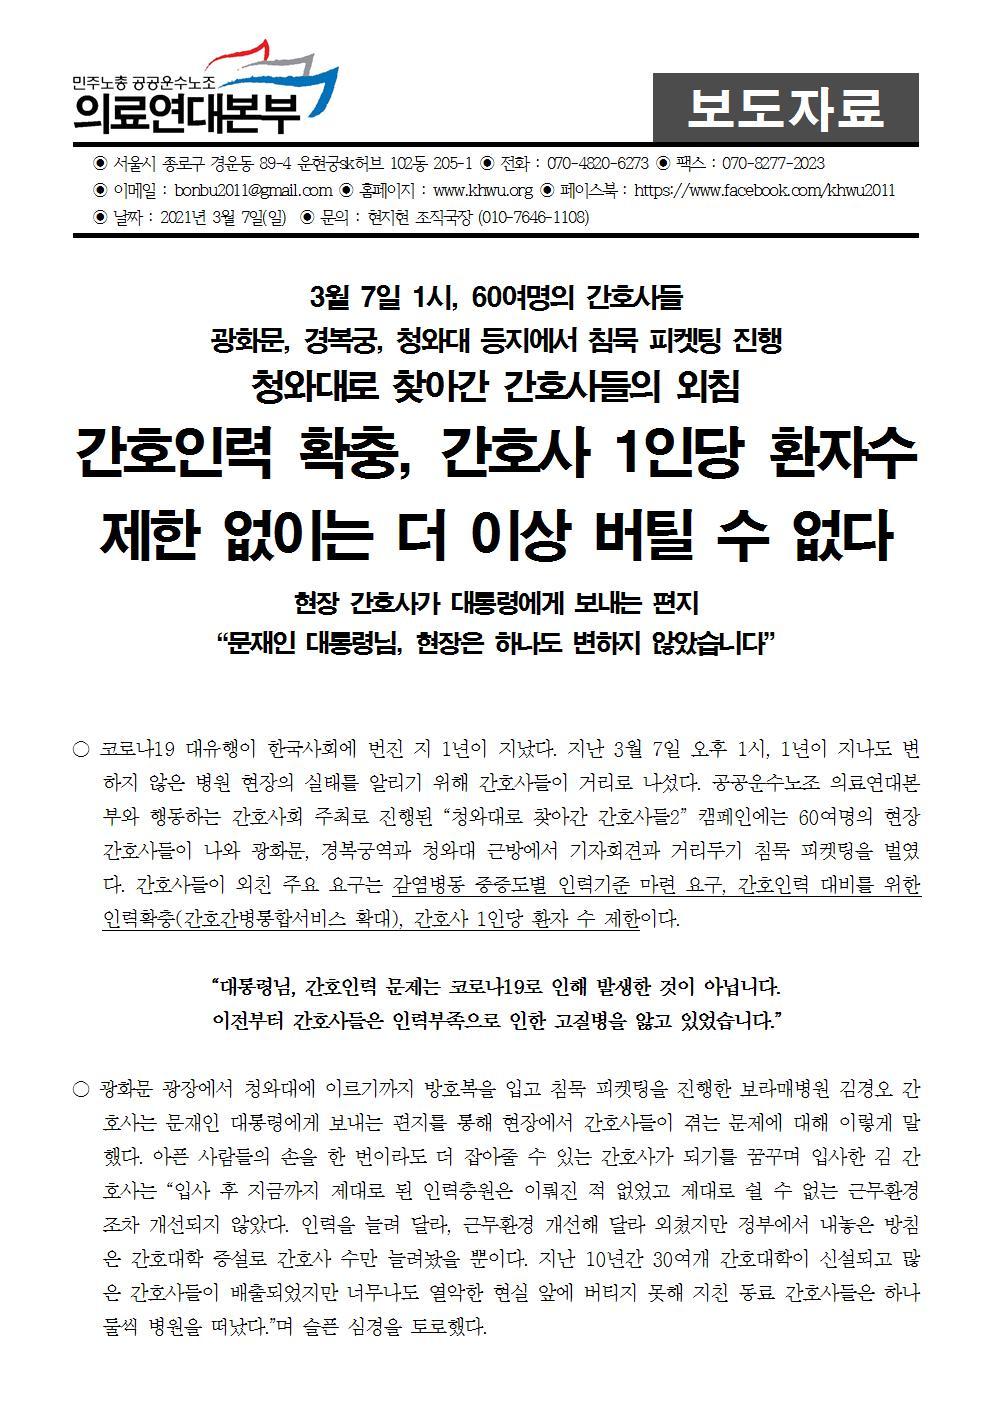 210307_청와대로찾아간간호사들시즌2보도자료(최종★)001.jpg